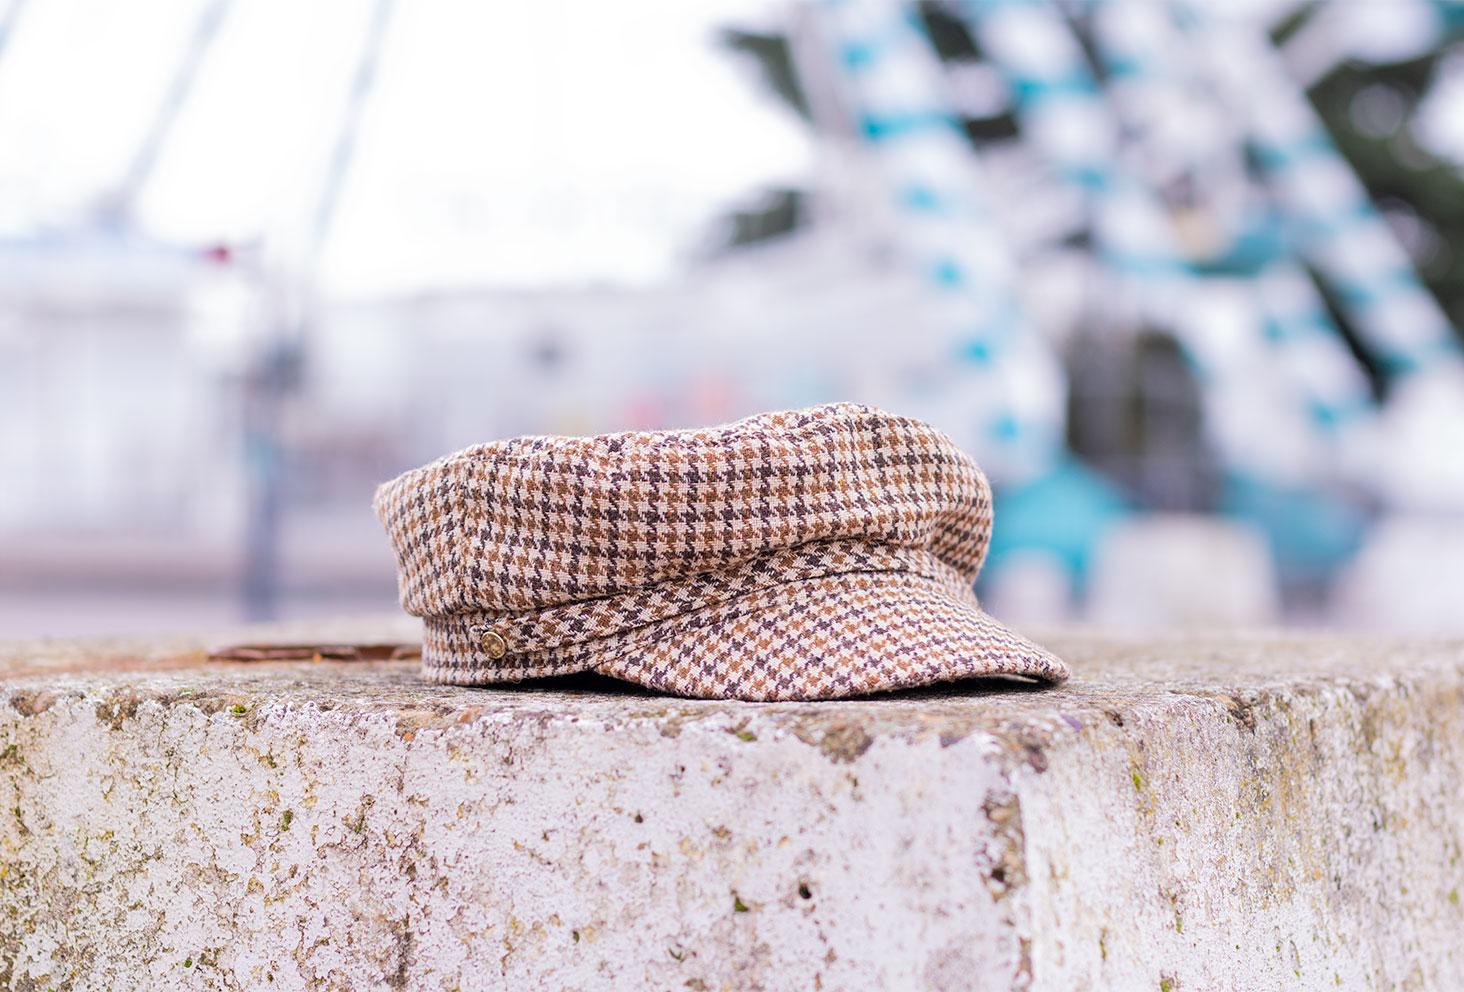 Zoom sur une casquette de style marin à carreaux beige et marron, non portée, posée sur un socle de béton devant une grand roue